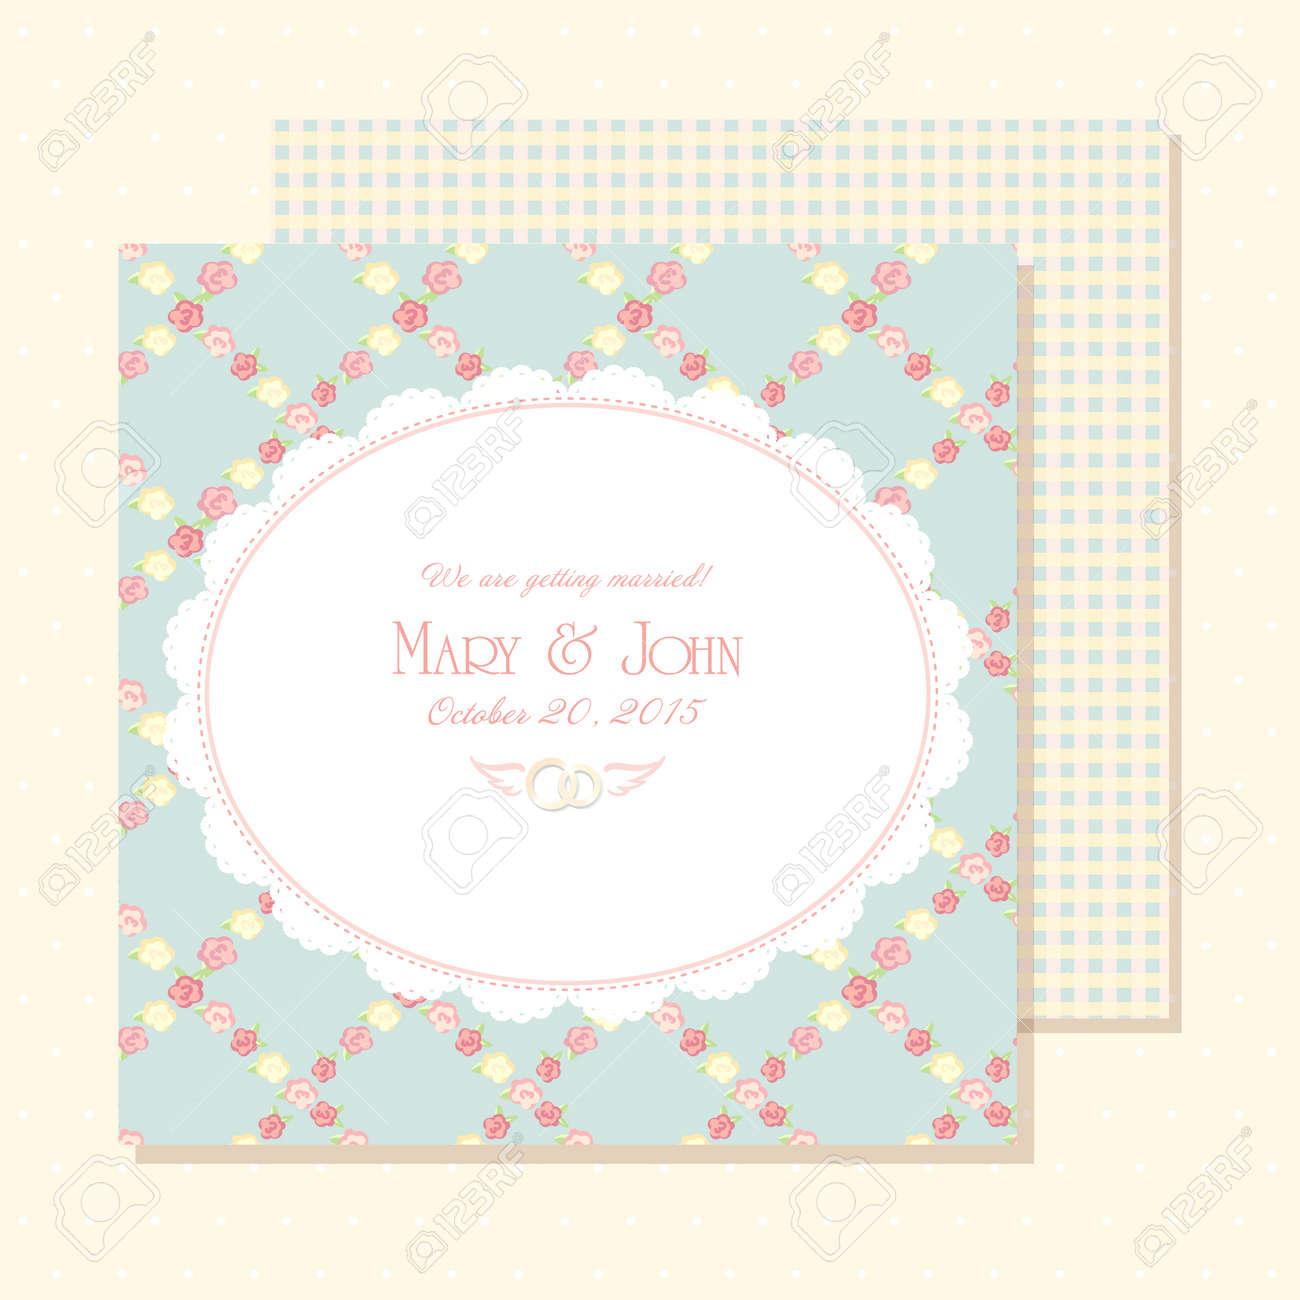 Tarjeta De Invitación Matrimonio Ilustración Del Vector Diseño Elegante Lamentable Color Azul Reserva